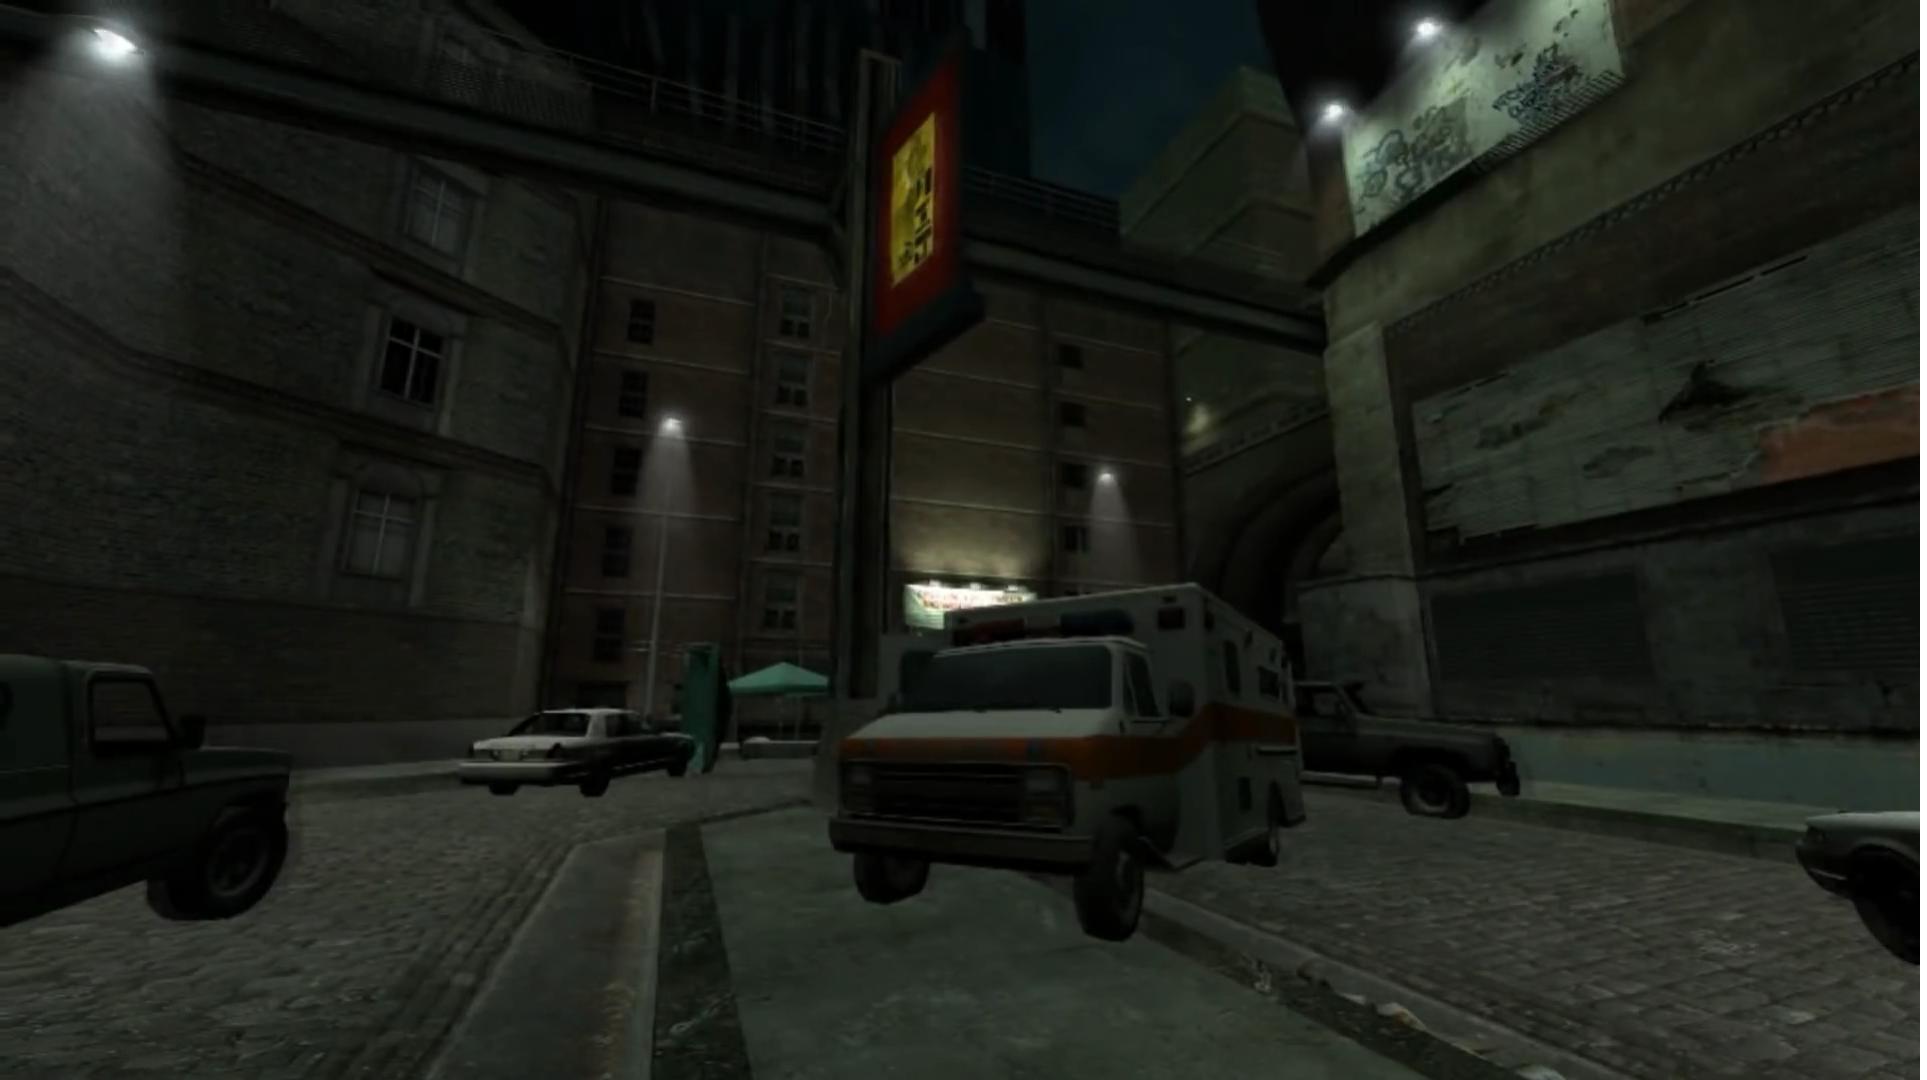 City 18 | Garry's Mod Zombie Apocalypse Wikia | FANDOM powered by Wikia